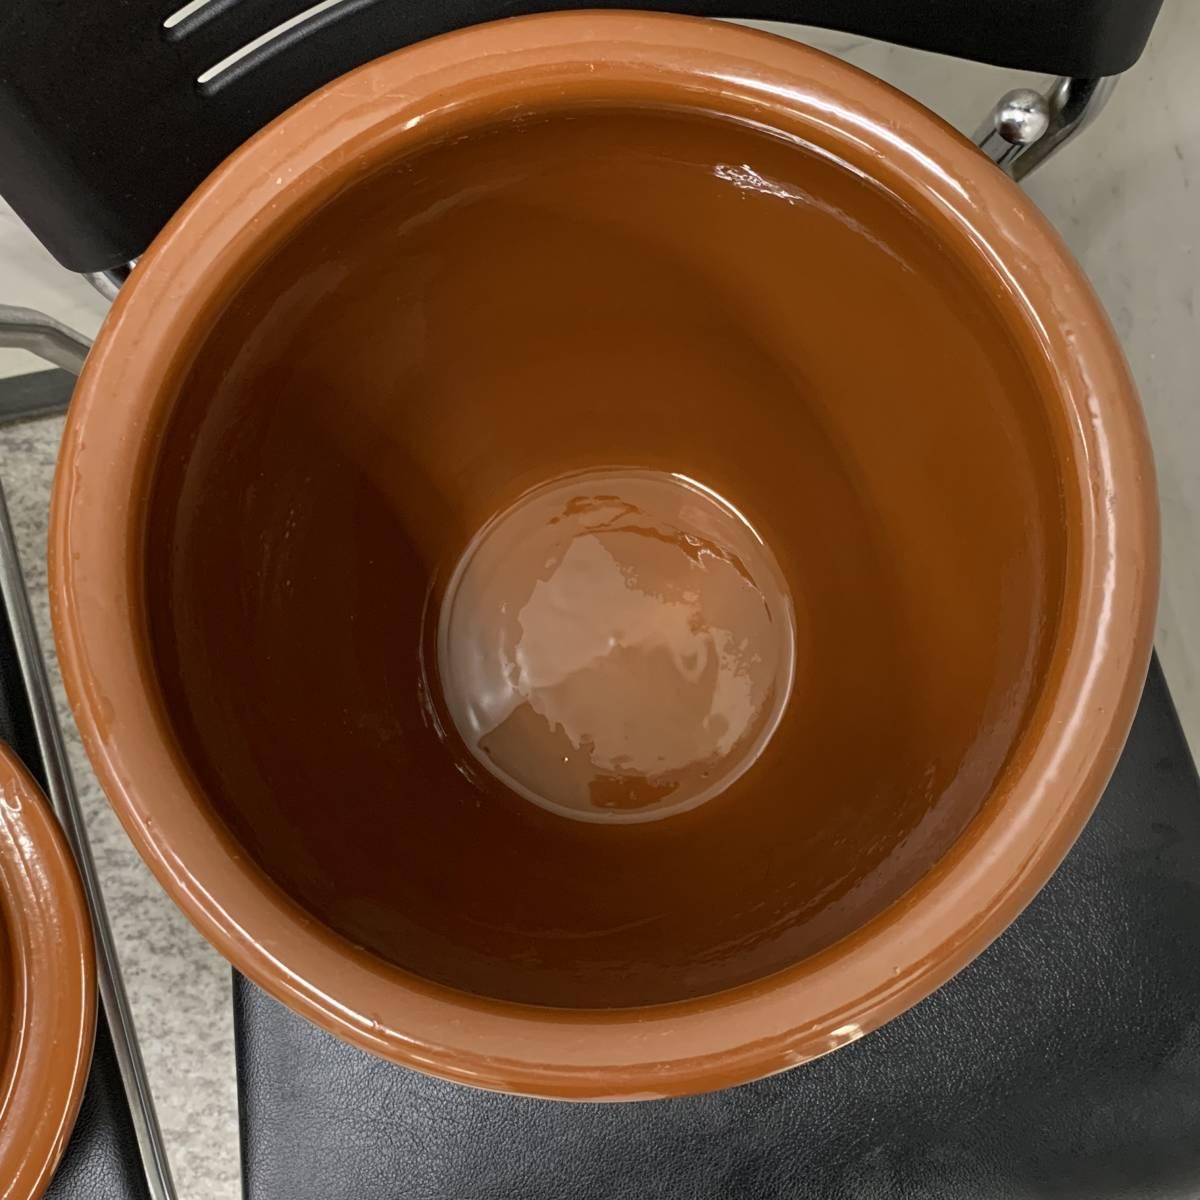 2、常滑焼 久松窯 梅干し壺 漬物容器 かめ 漬物 らっきょ 梅干 味噌 蓋付 経年保管品_画像9